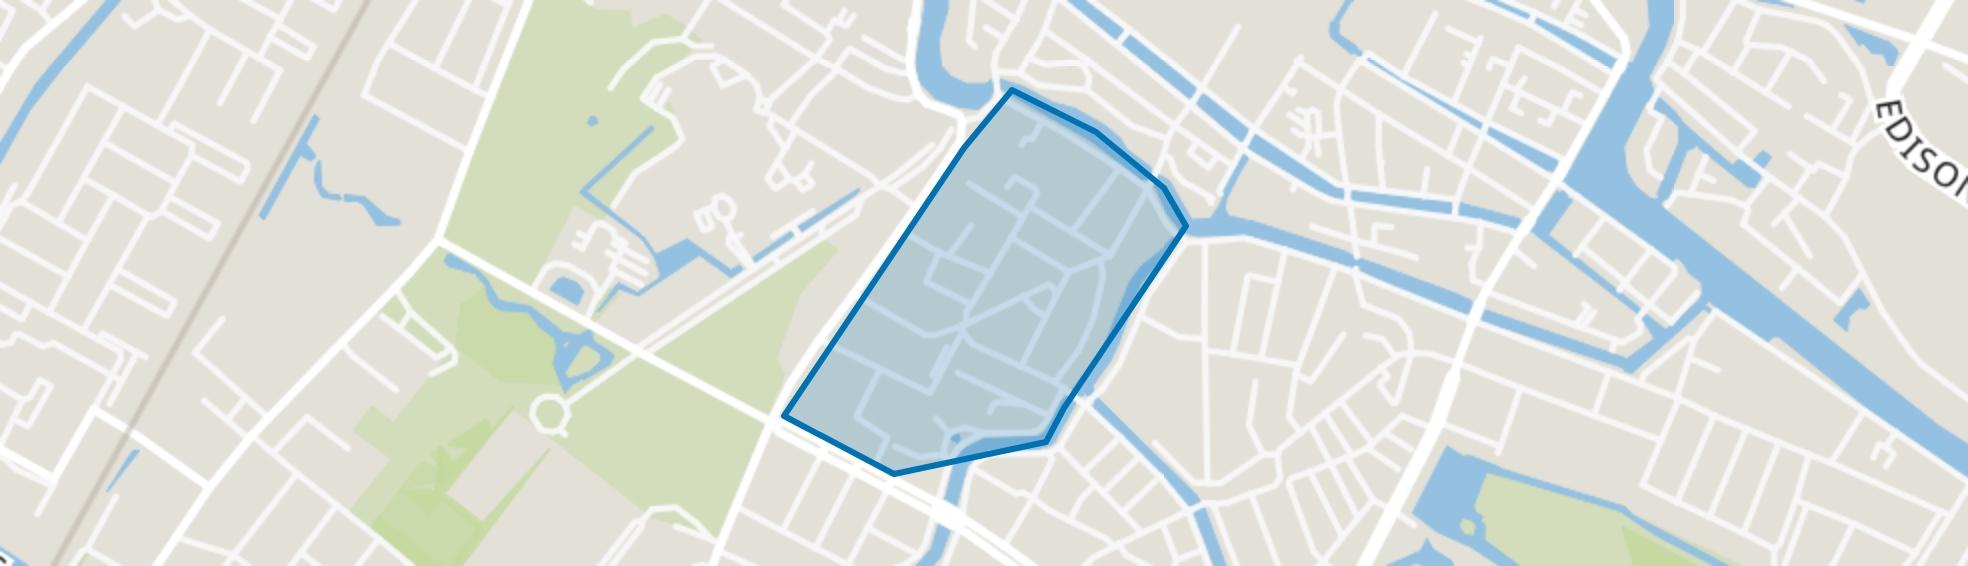 Emmakwartier, Alkmaar map